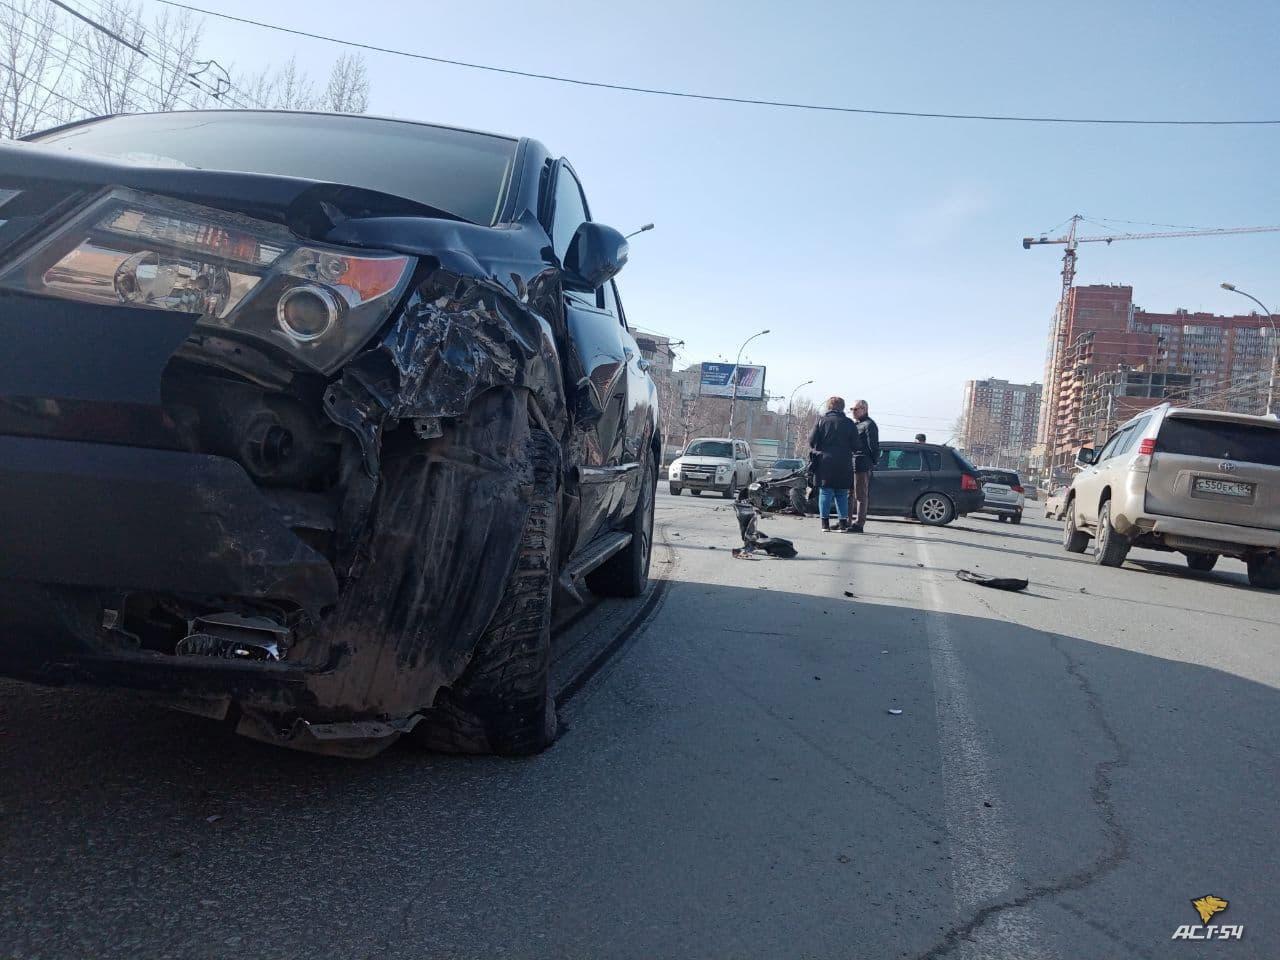 фото BMW X5 сбил пешеходов и врезался в здание в центре Новосибирска 5